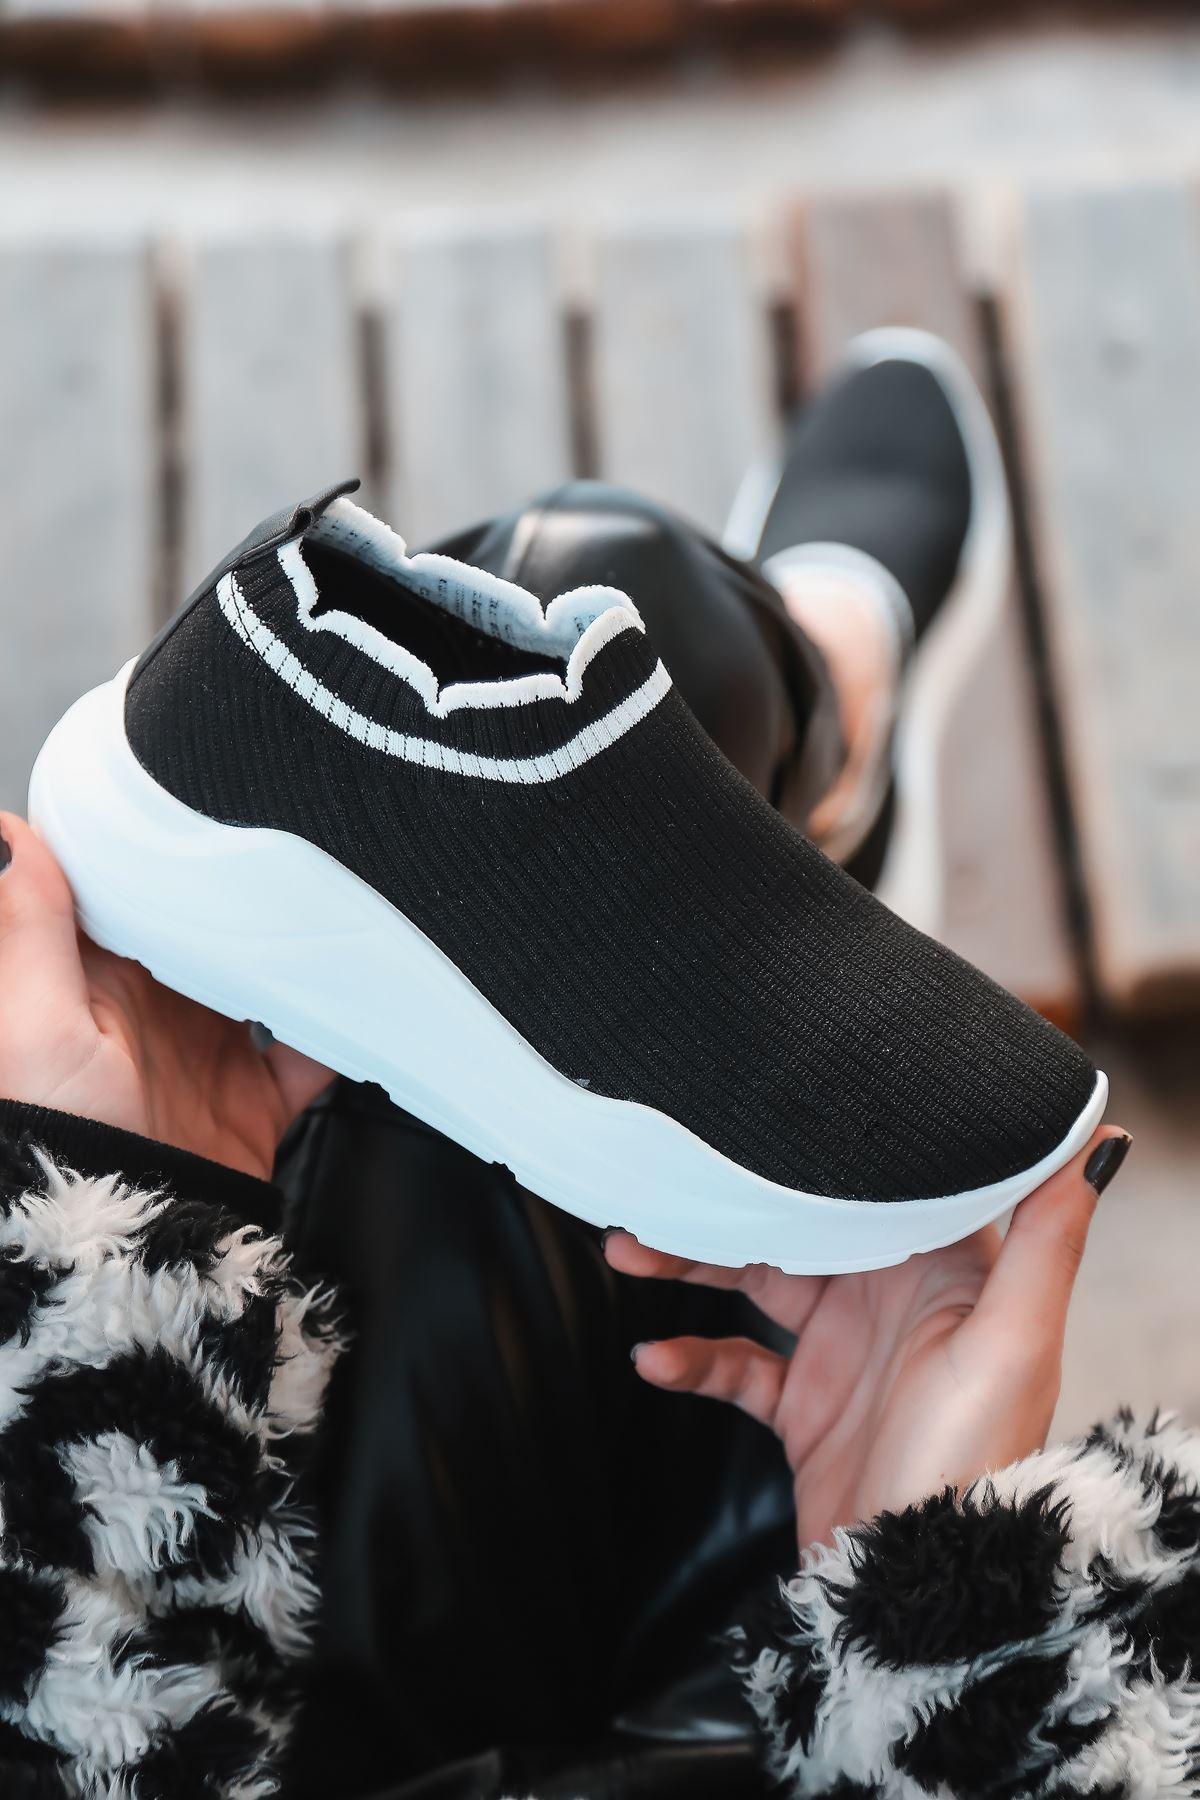 Levin Beyaz Şeritli Siyah Triko Kadın Spor Ayakkabı